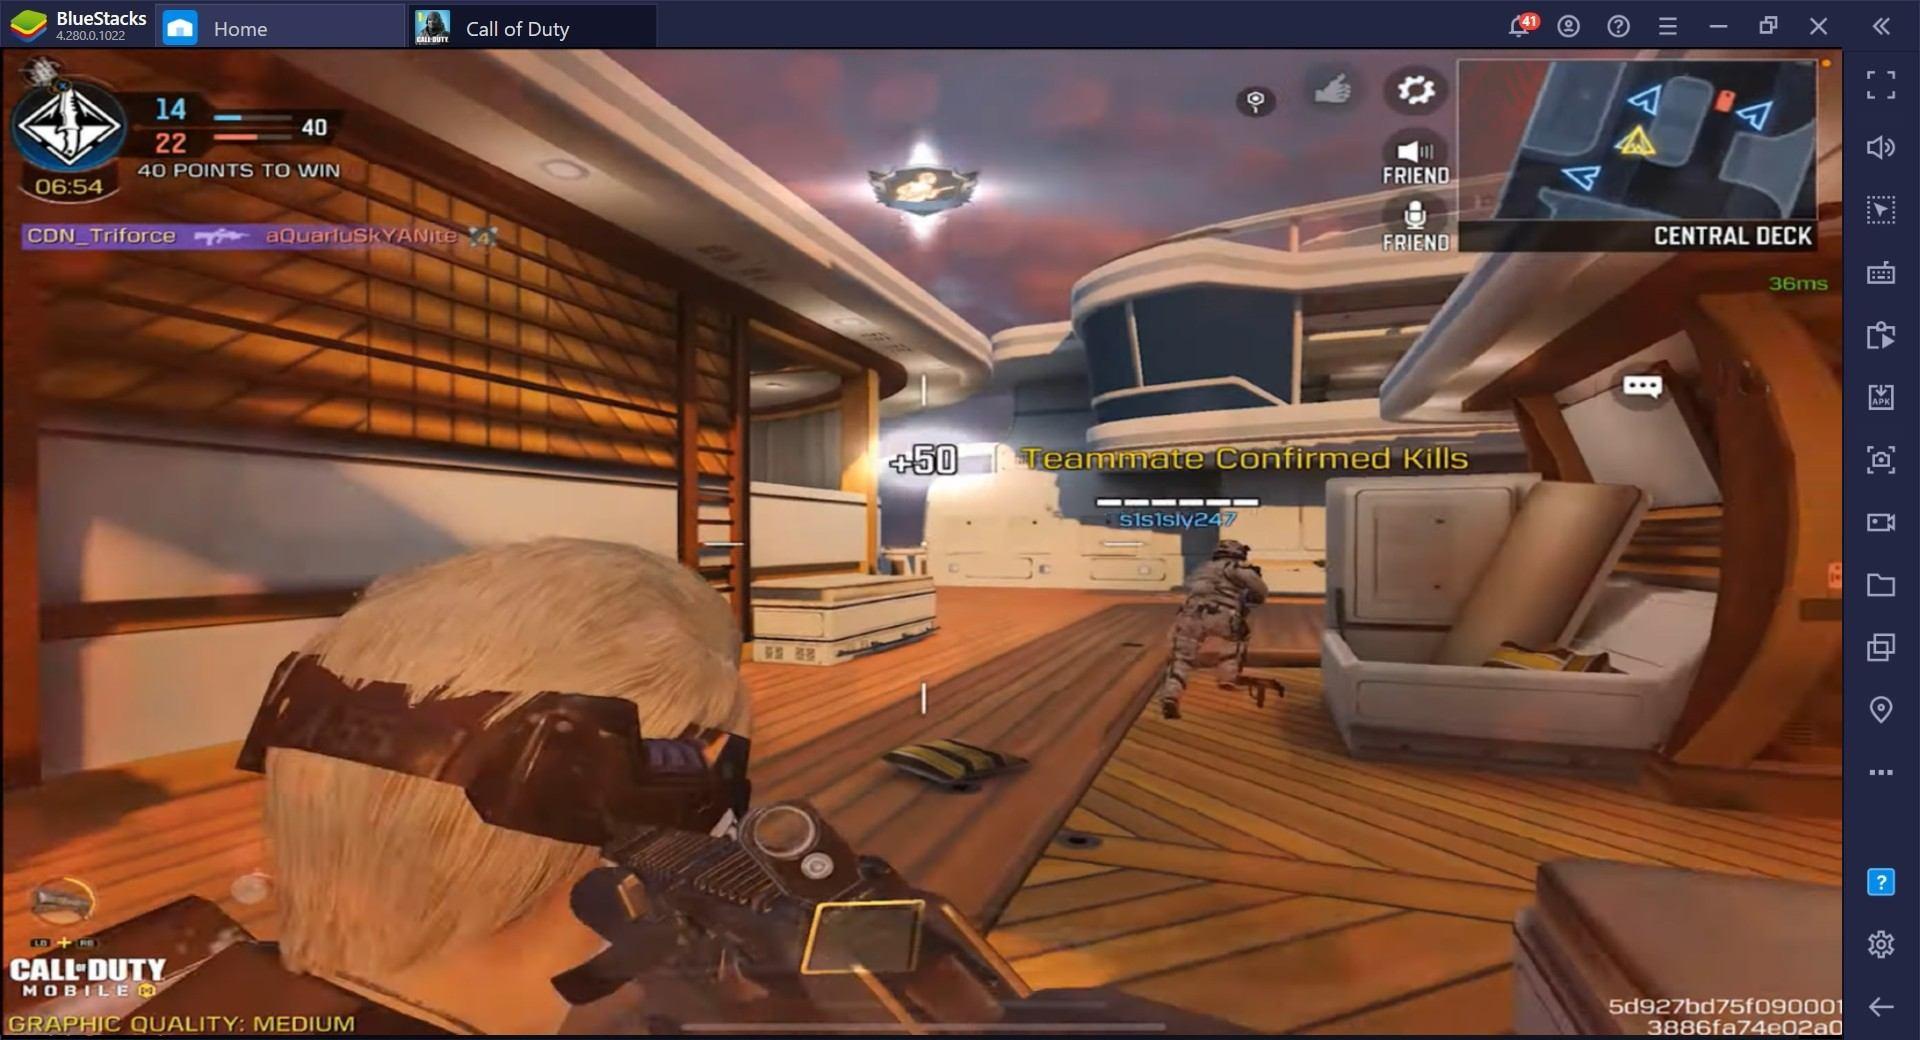 Call of Duty: Mobile دليل الأسلحة  – ابدأ التمزيق باستخدام سلاح FR 556